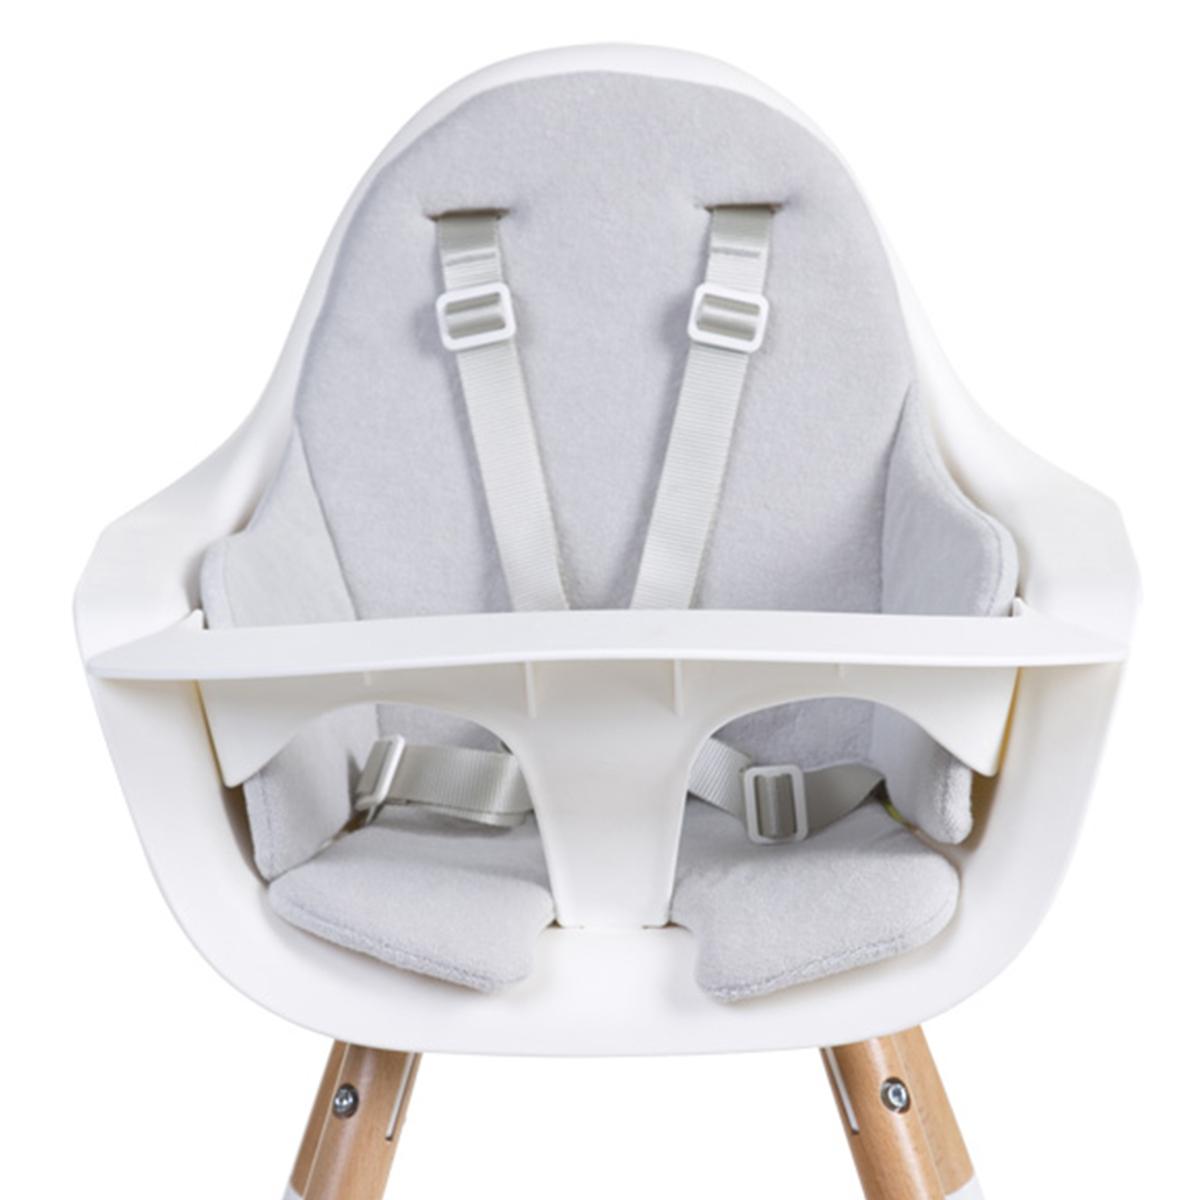 Chaise haute Coussin de Chaise Haute Eponge - Gris Souris Coussin de Chaise Haute Eponge - Gris Souris